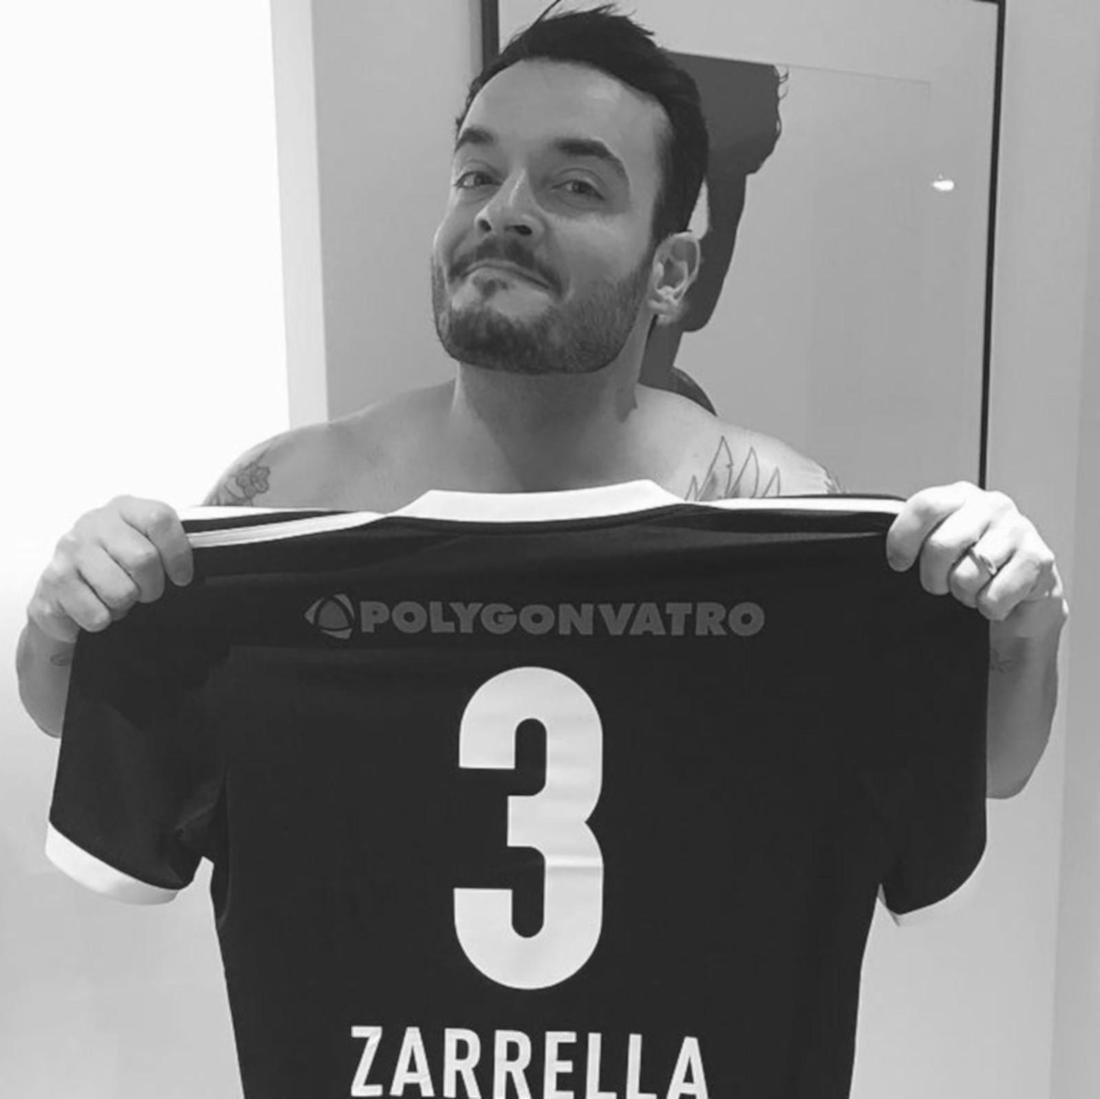 Giovanni Zarrella hält ein Fußball-Trikot hoch